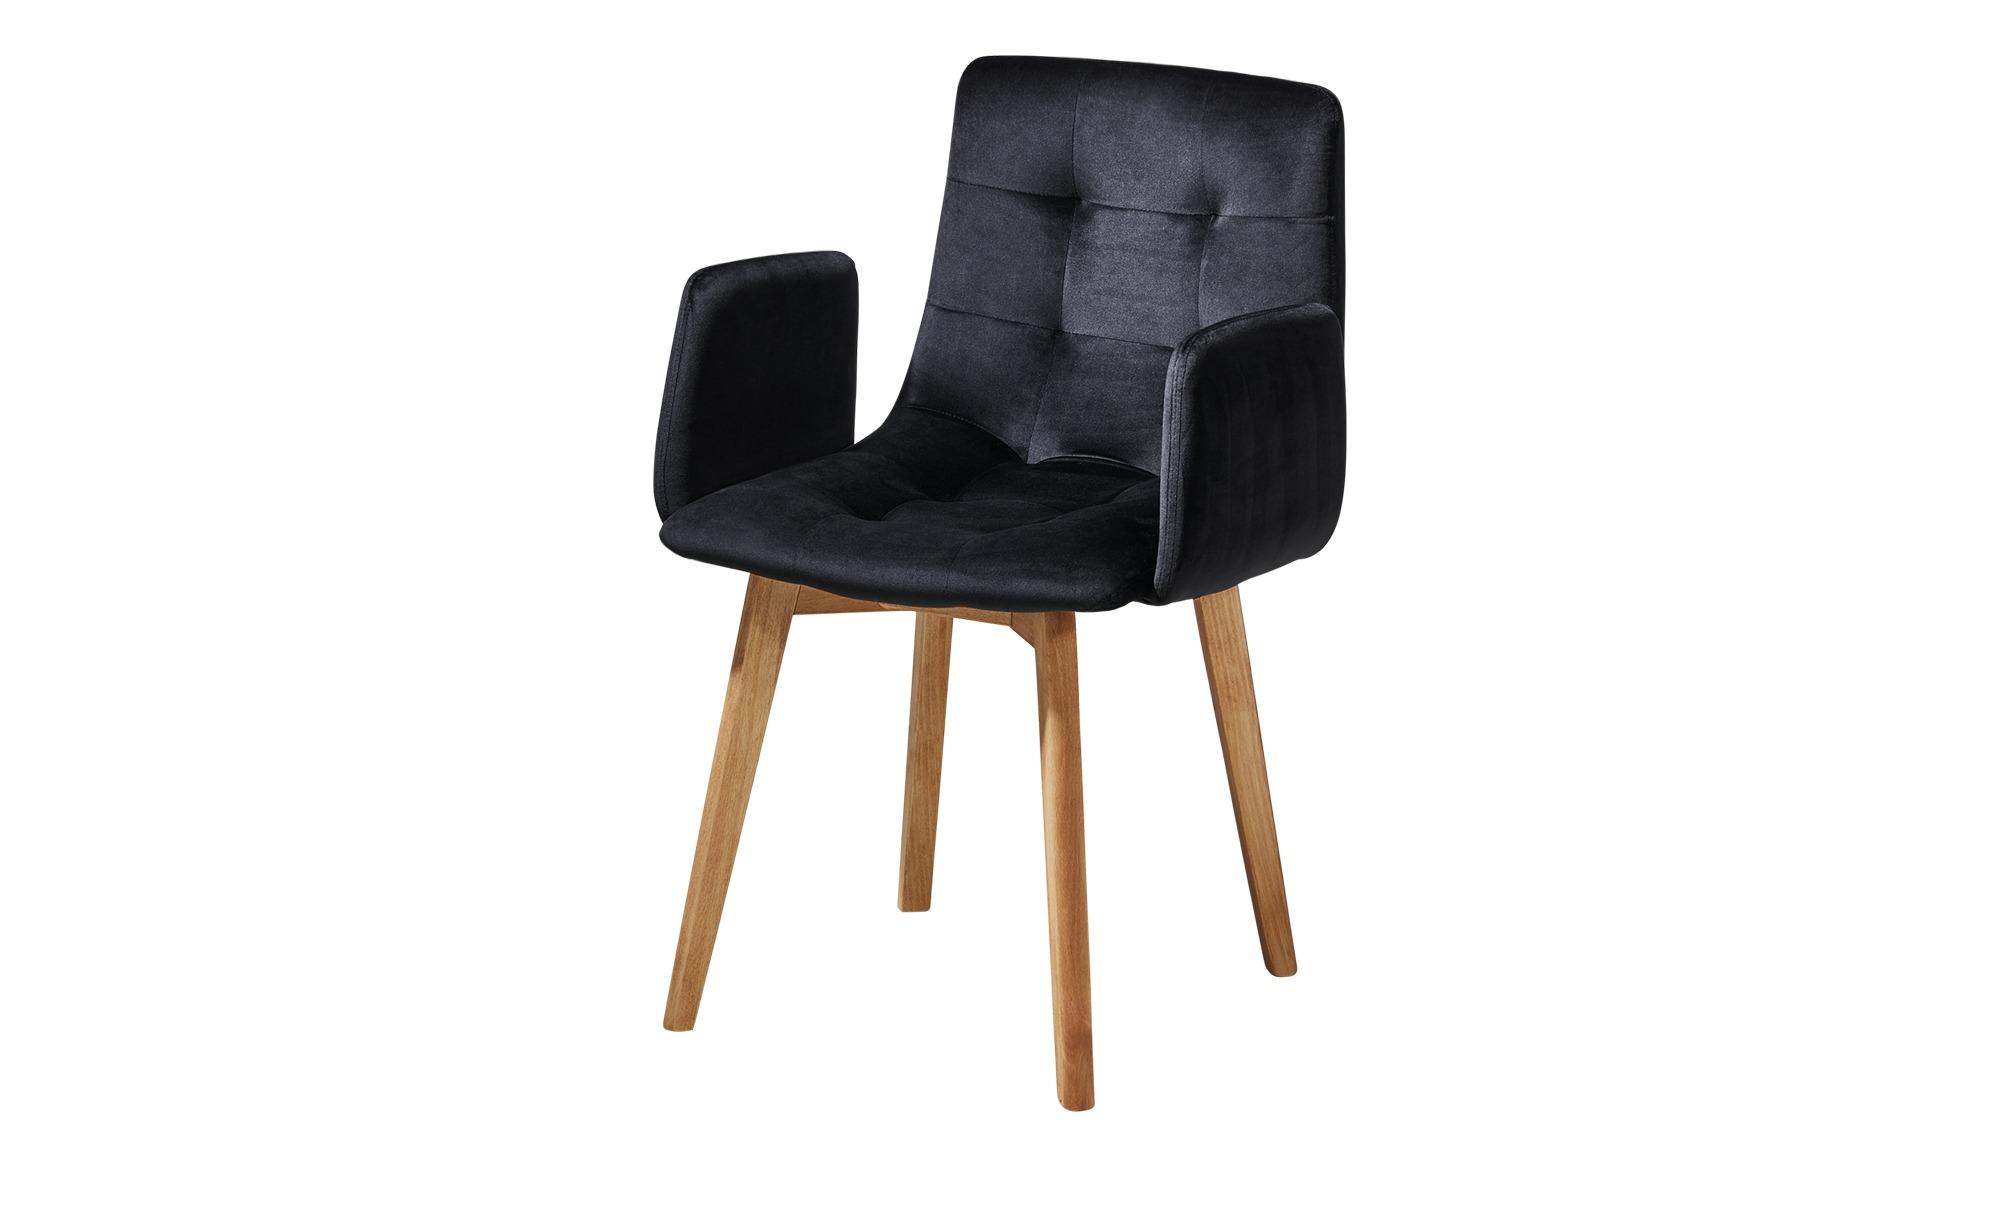 woodford polsterst hle online kaufen m bel suchmaschine. Black Bedroom Furniture Sets. Home Design Ideas